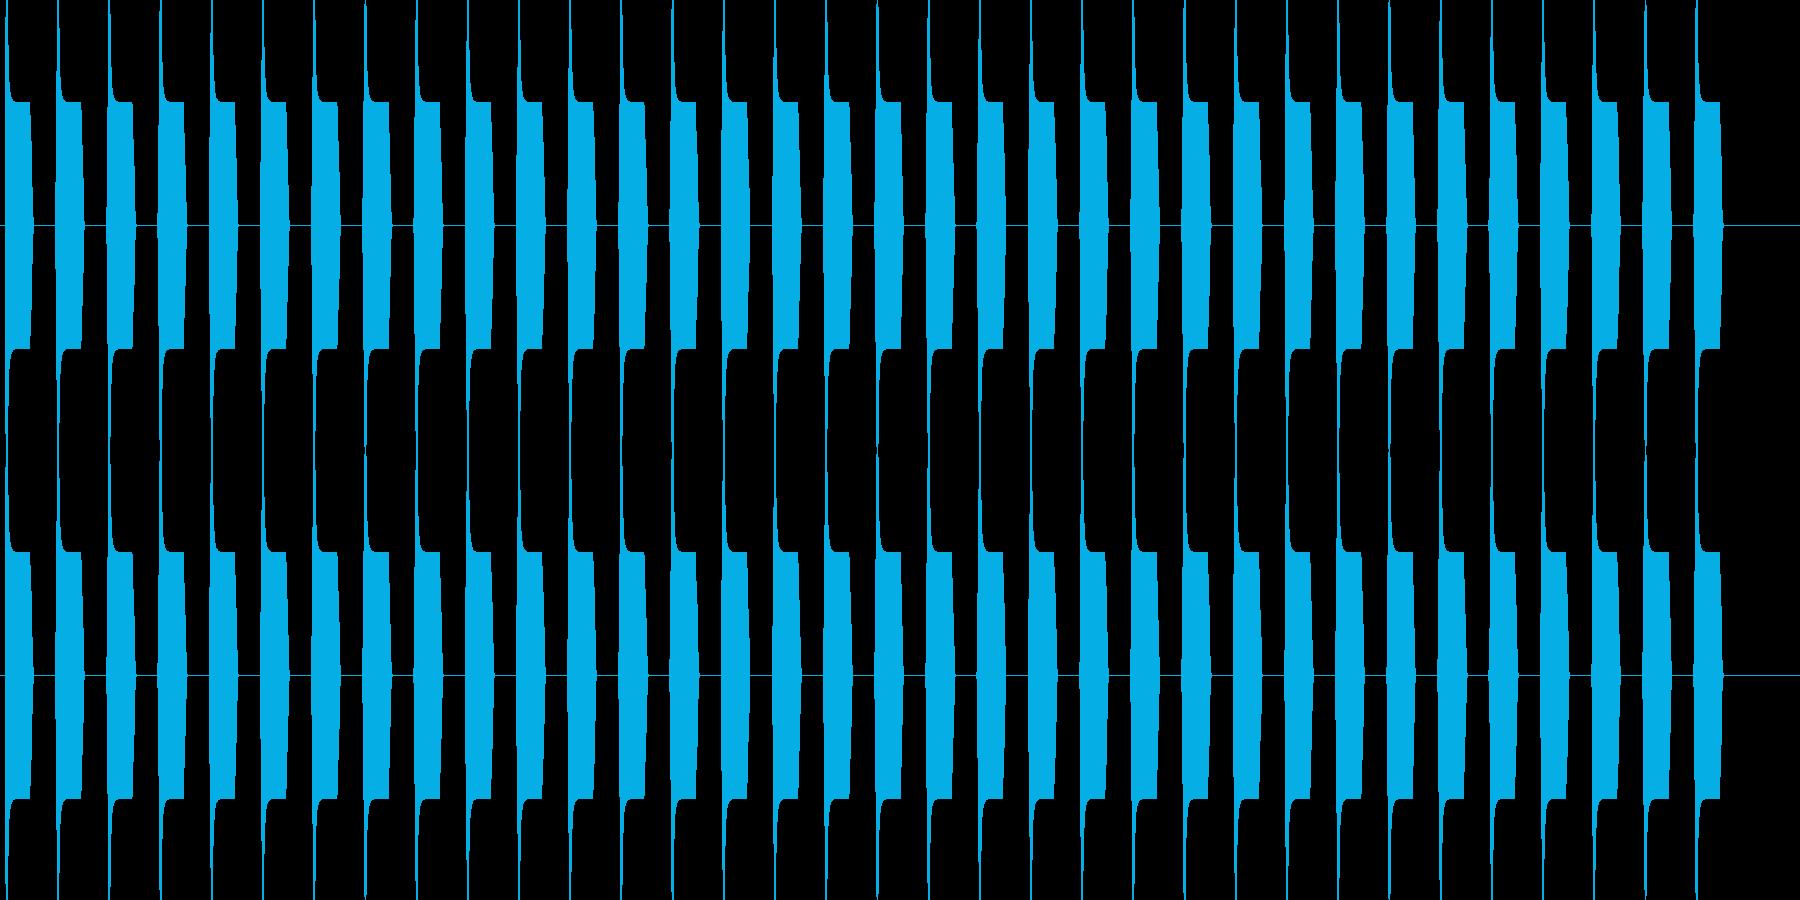 ブーブー な警告音 緊急連絡 アラーム1の再生済みの波形